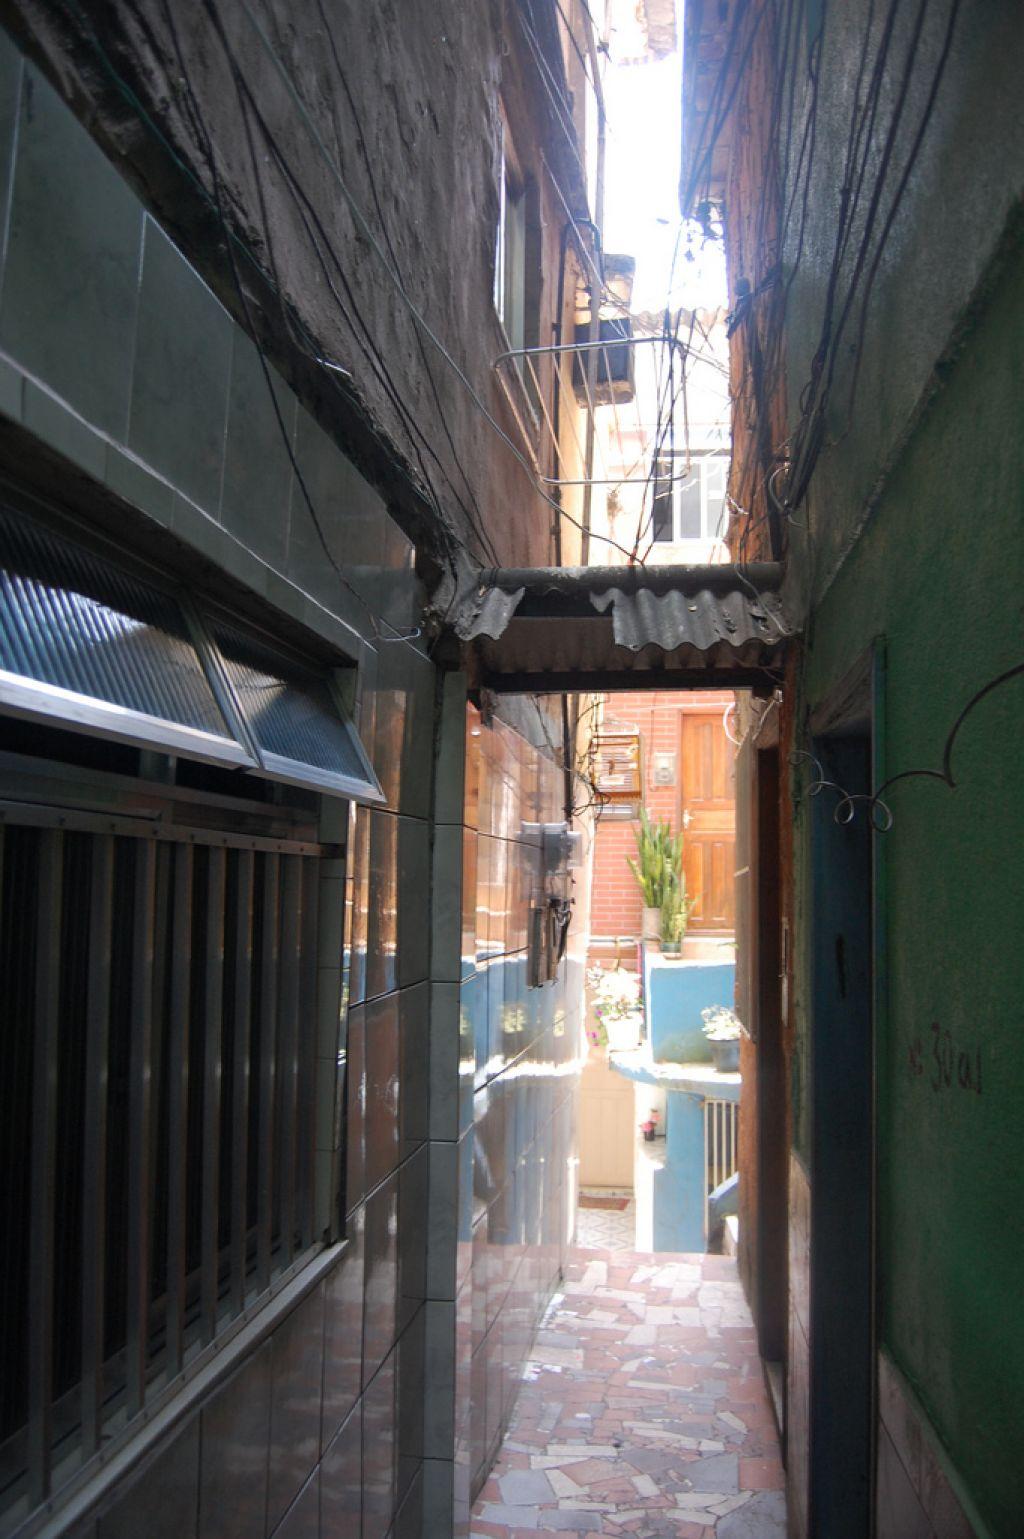 rocinha favela9 Rocinha   The Biggest Favela in Rio de Janeiro